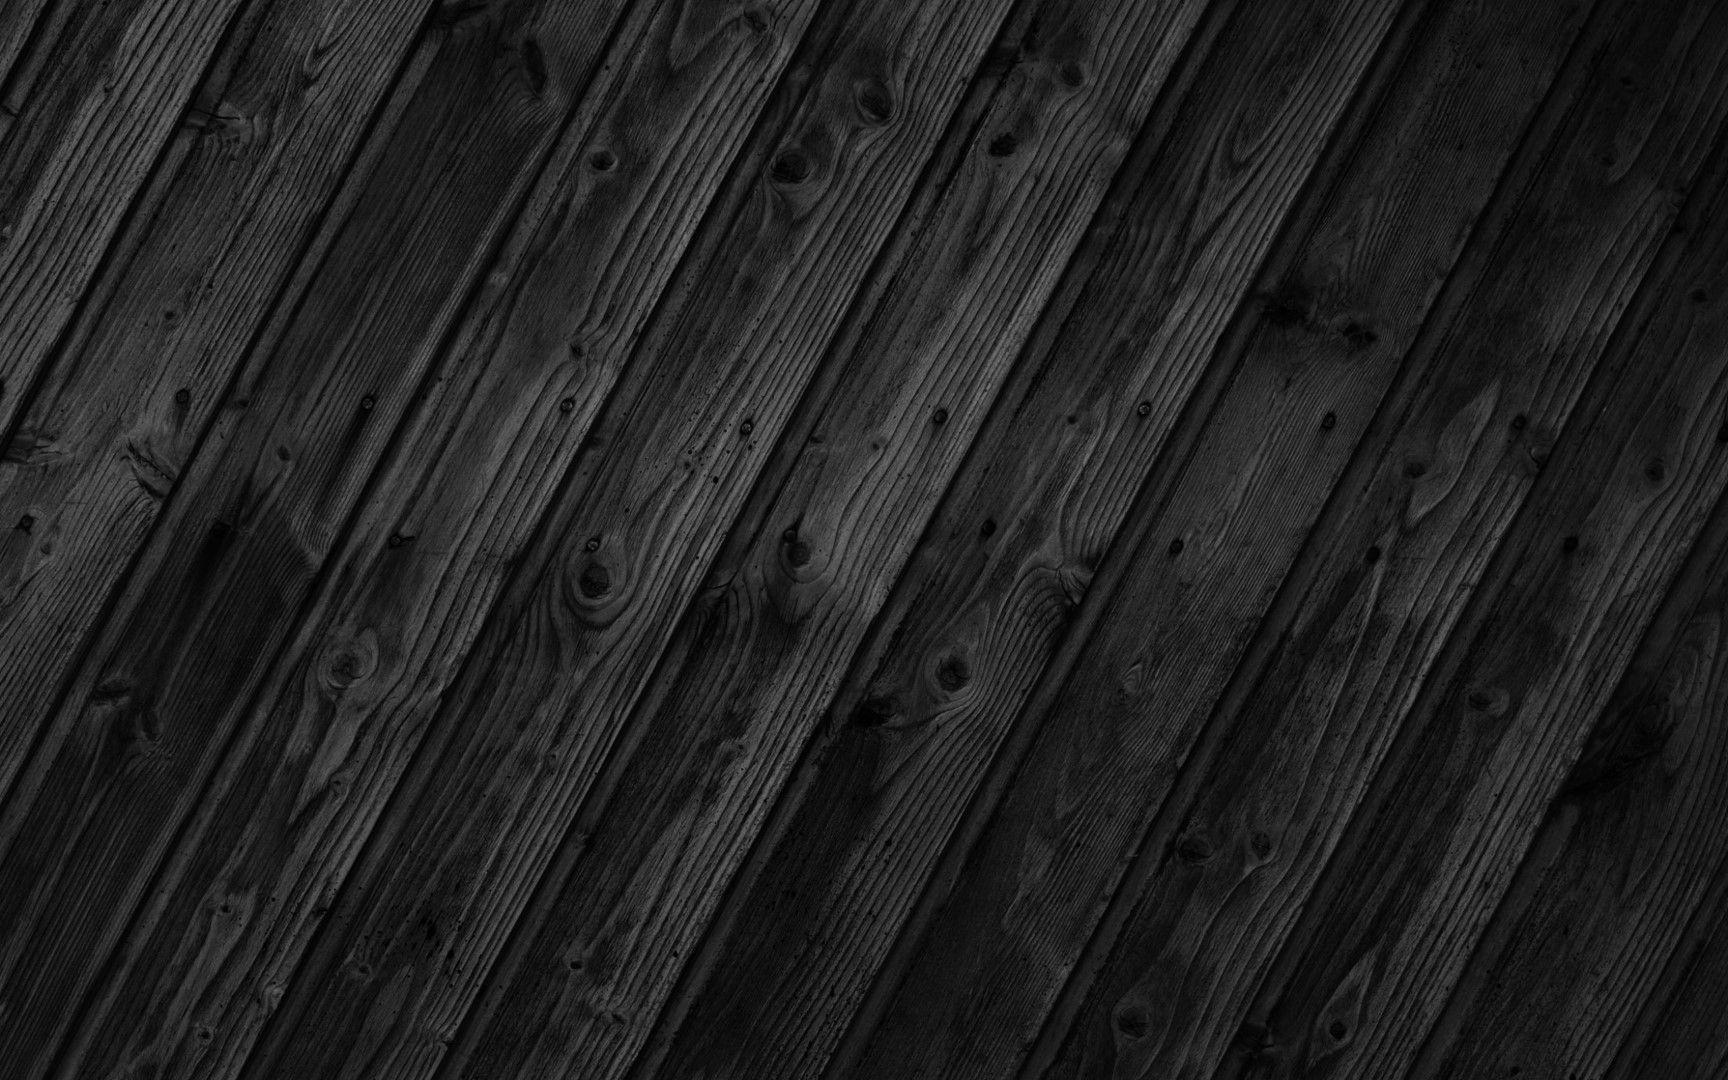 Legno Bianco Texture : La clinica dentale aspe incorpora il bianco e le texture in legno